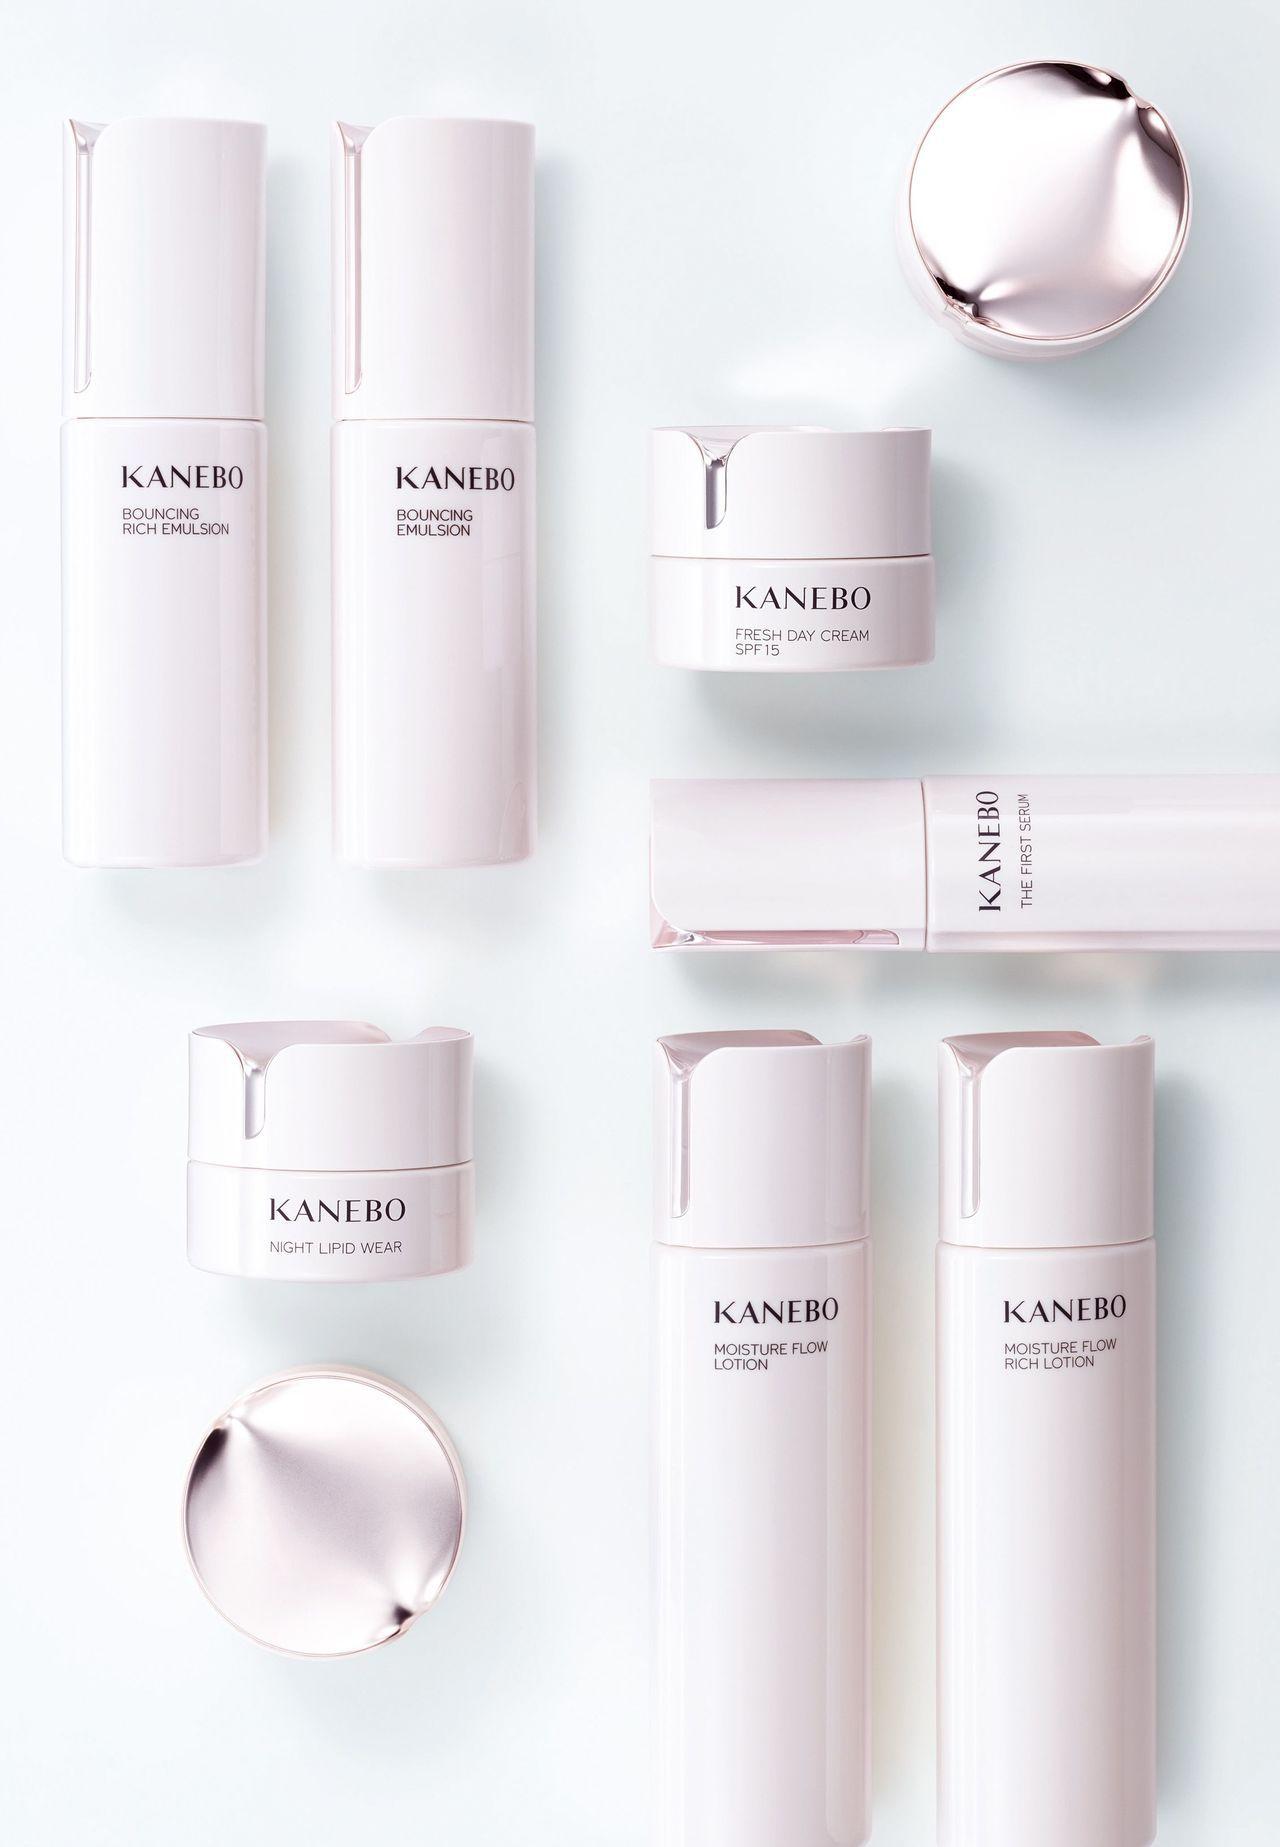 全新KANEBO商品視覺及瓶身設計特邀法國設計師Gwenael Nicolas操...